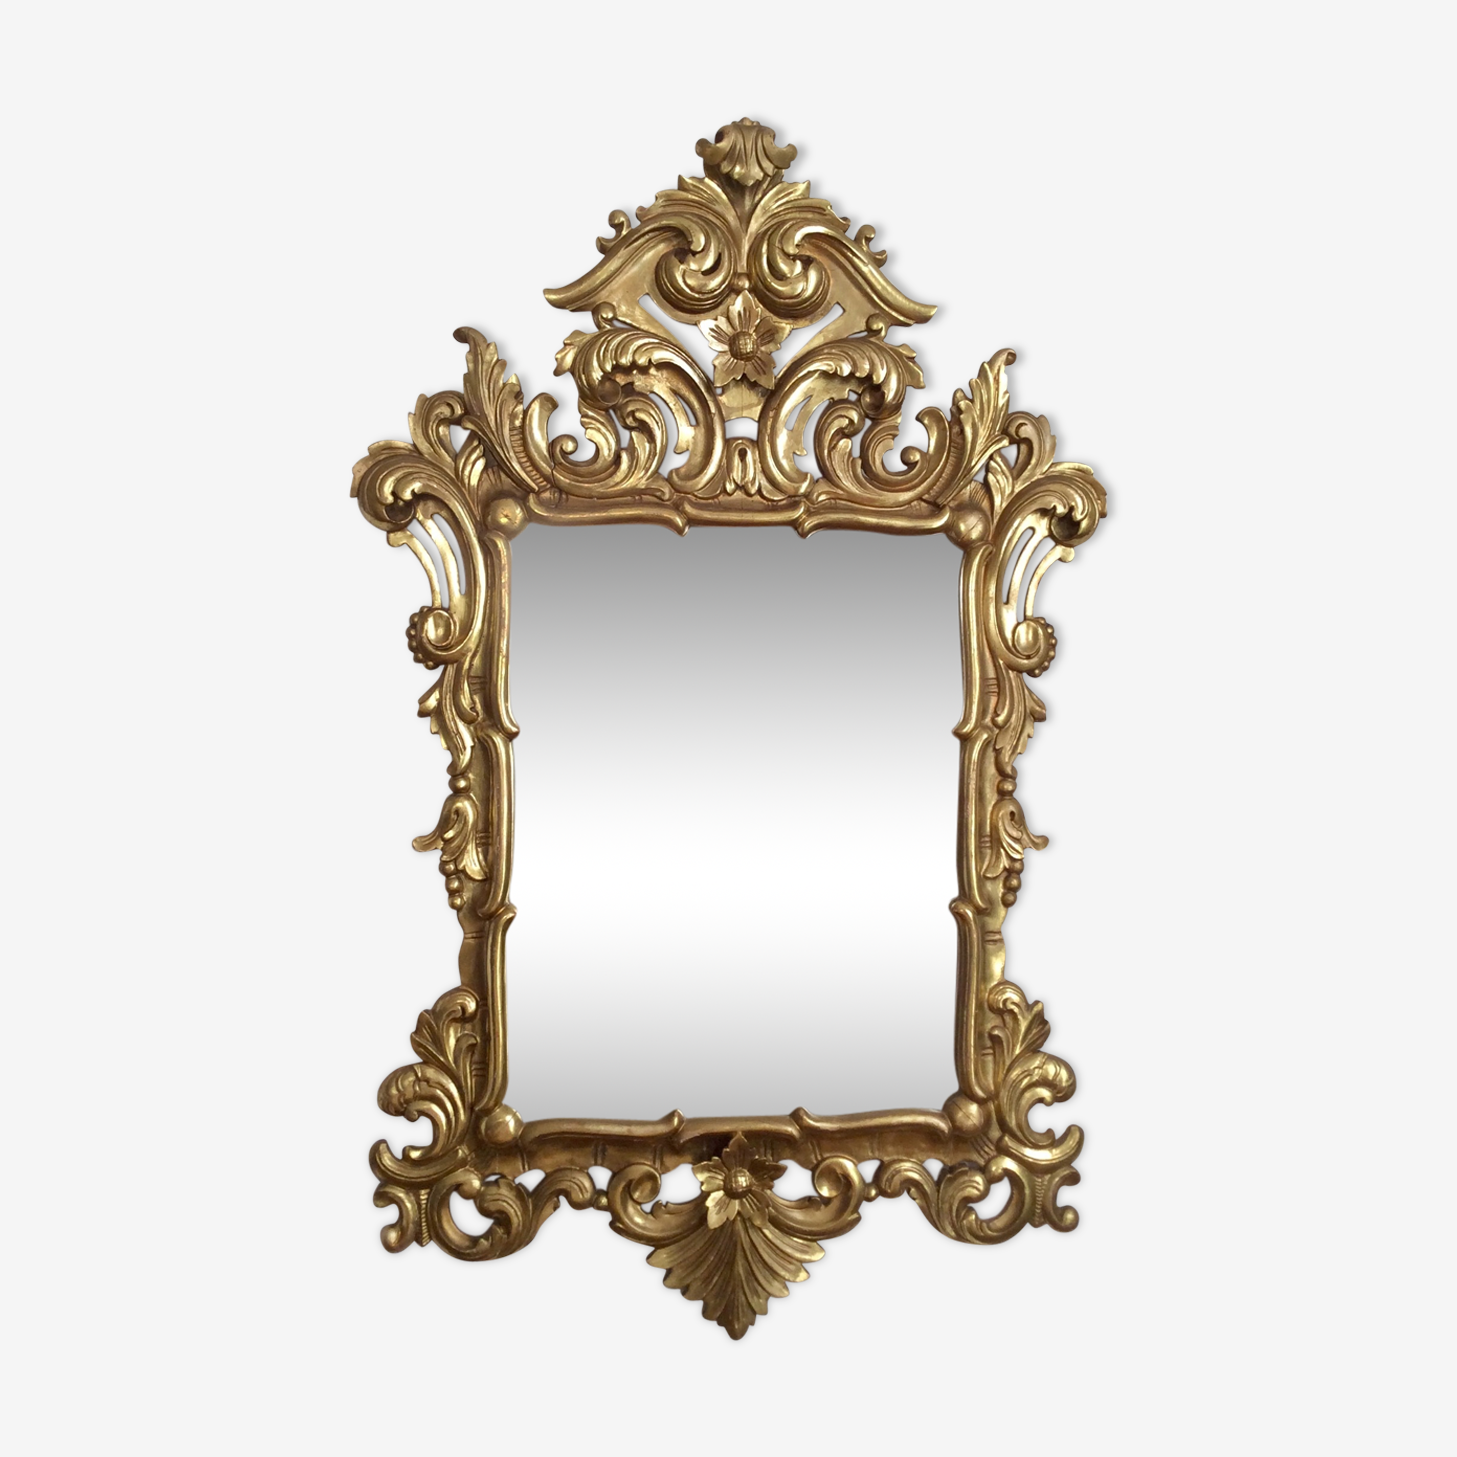 Miroir style baroque en bois doré 107 x 68cm